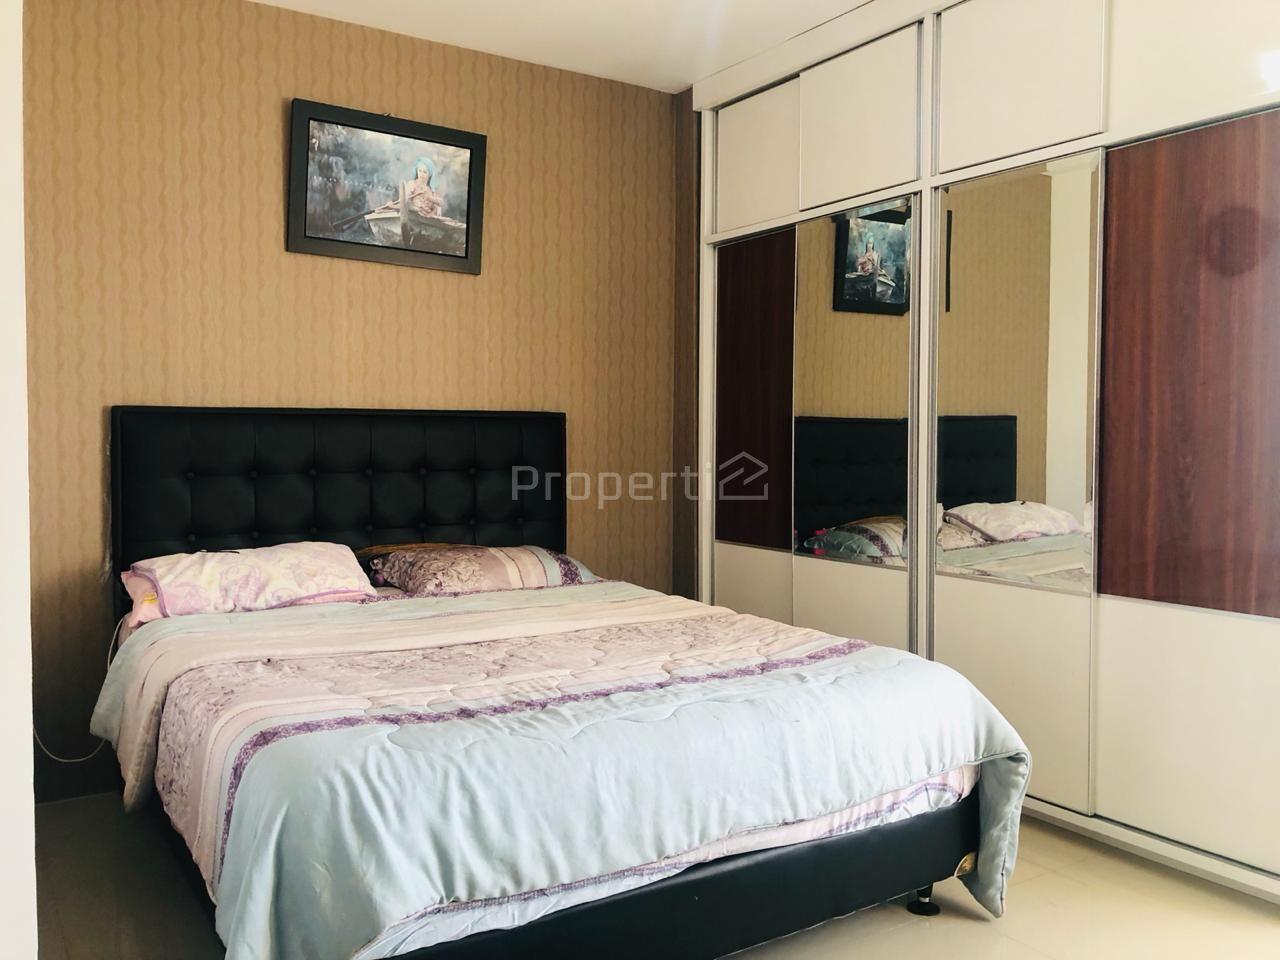 2BR Apartment Unit at Galeri Ciumbuleuit 2, 31th Floor, Cidadap